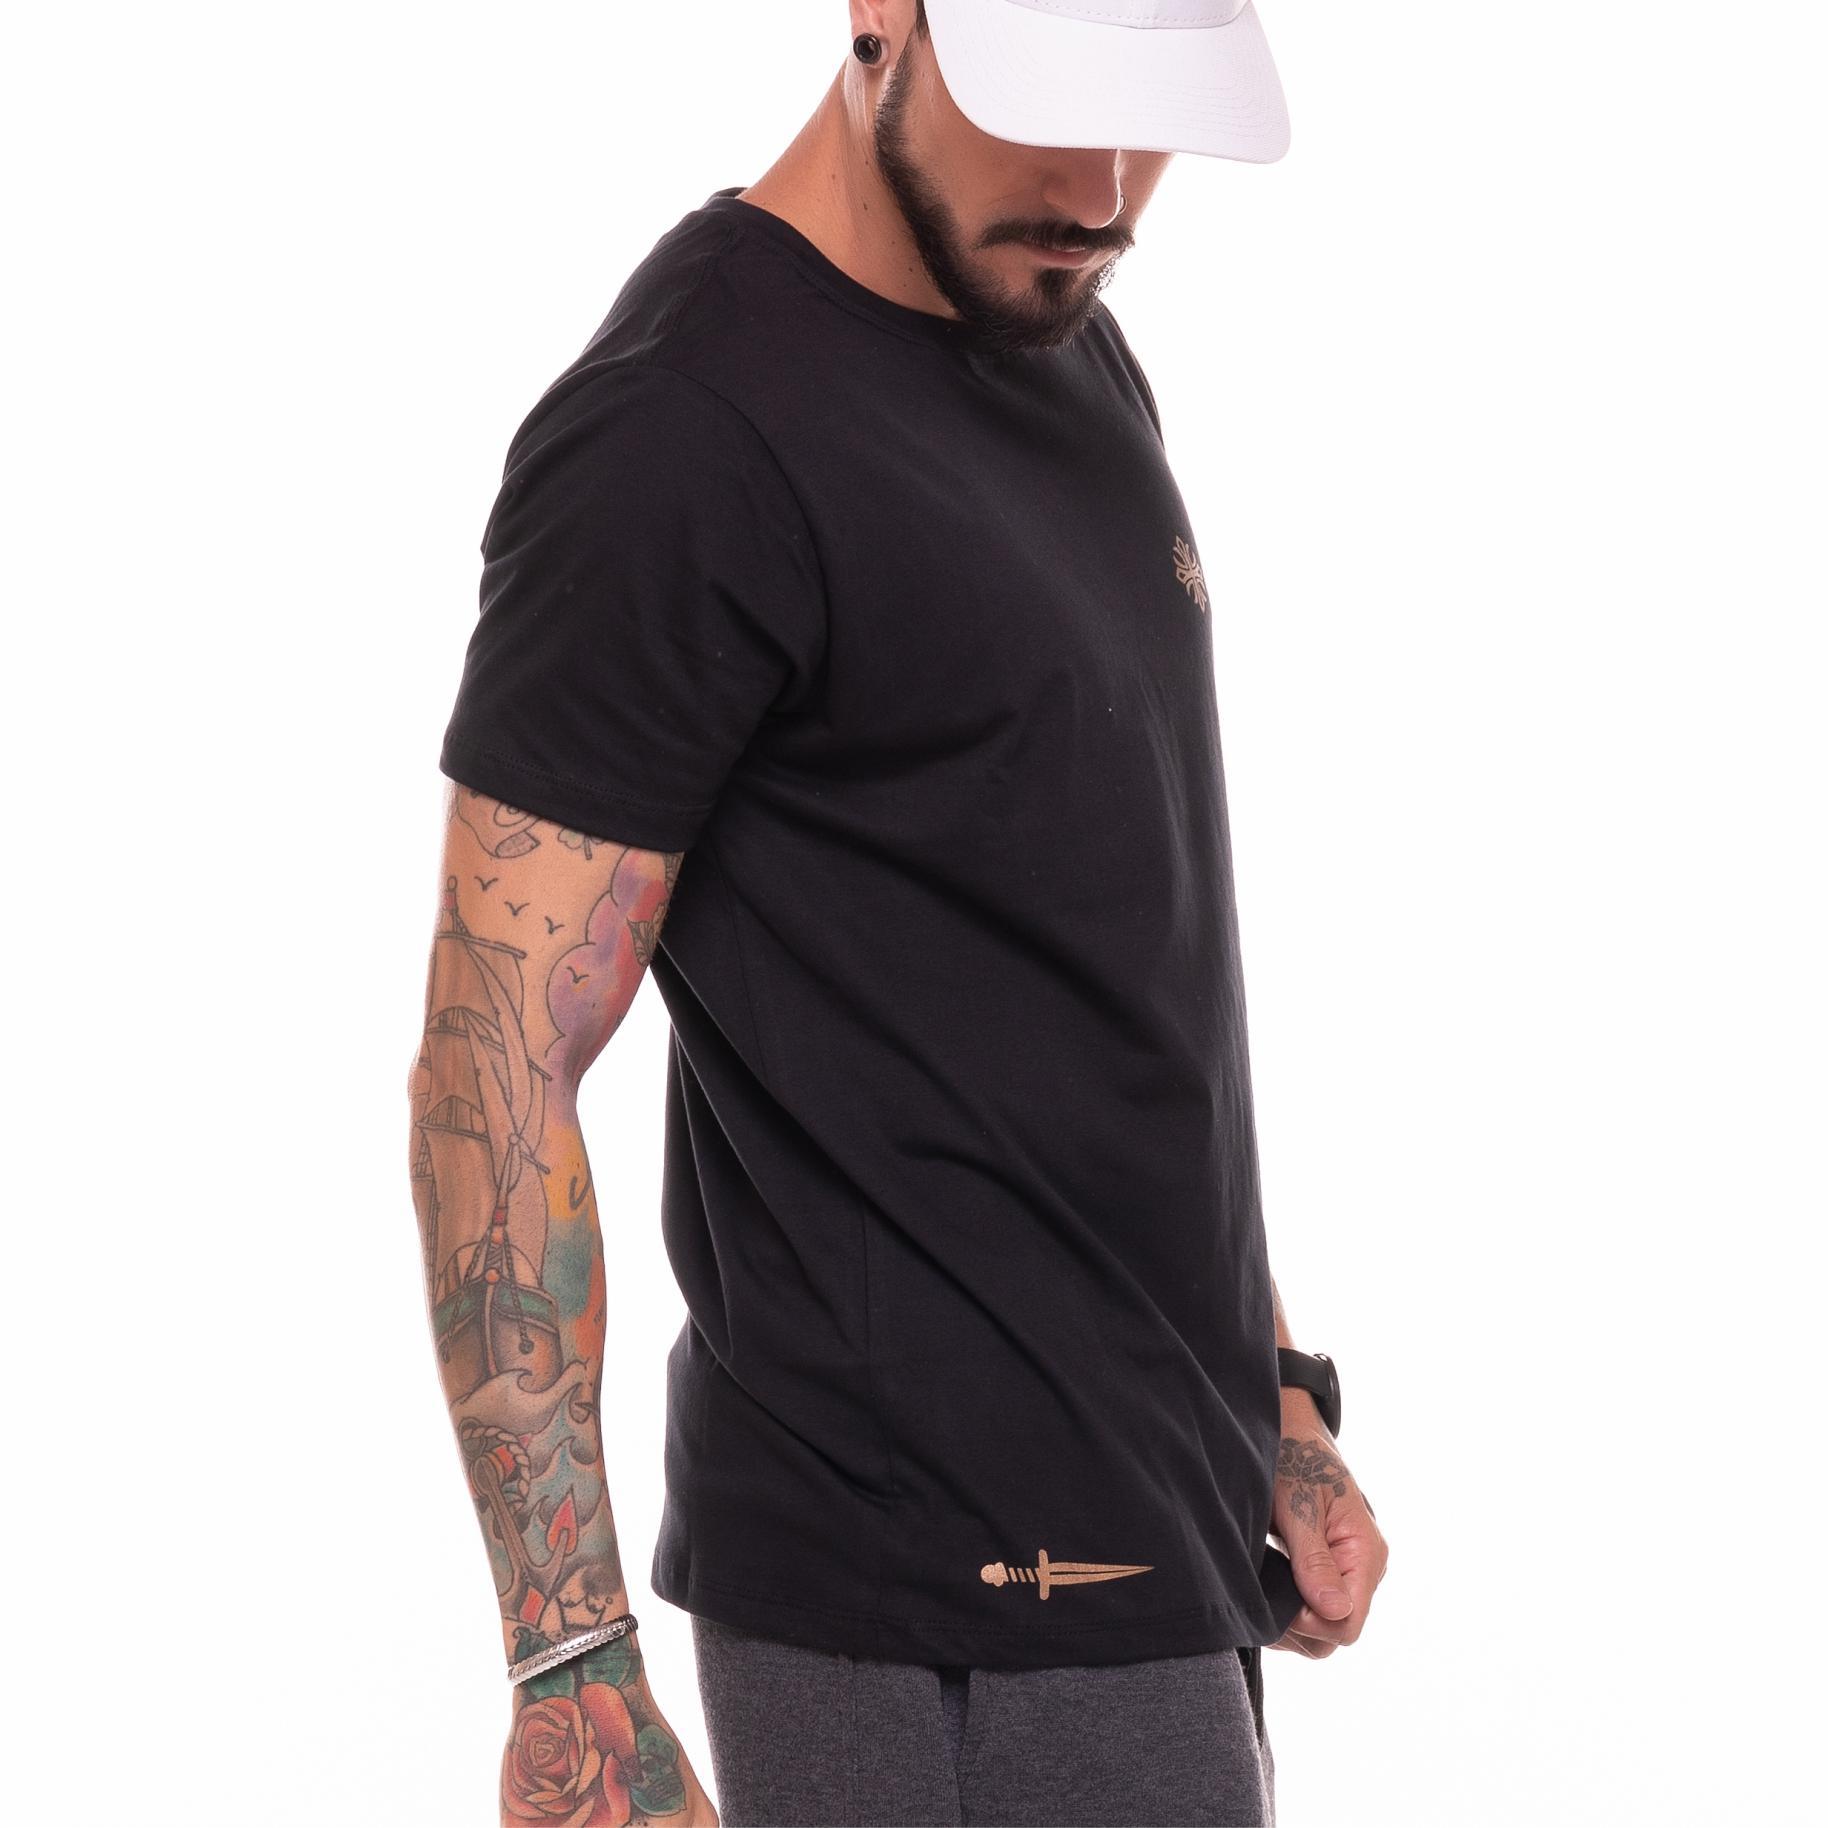 Camiseta Locals Only Preta